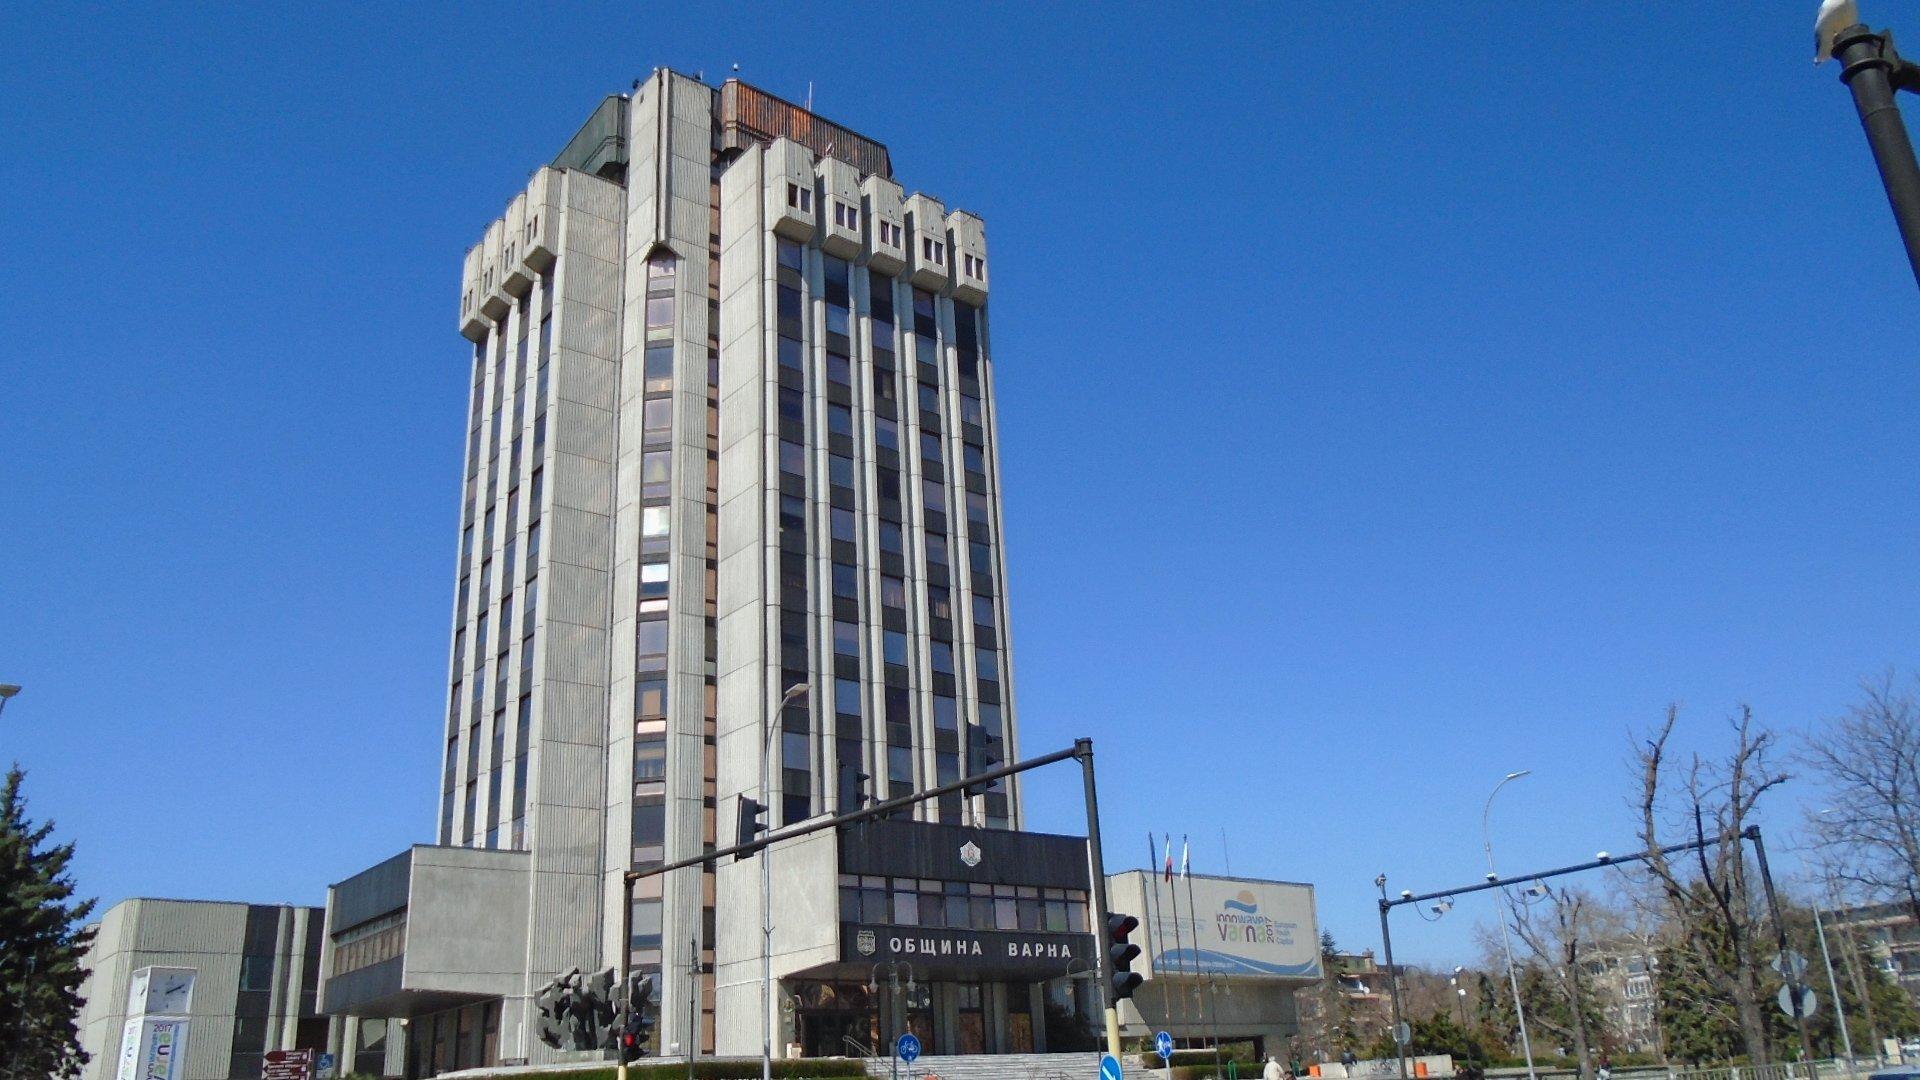 Консултациите ще се проведат в сградата на Община Варна. Снимка Архив Черноморие-бг